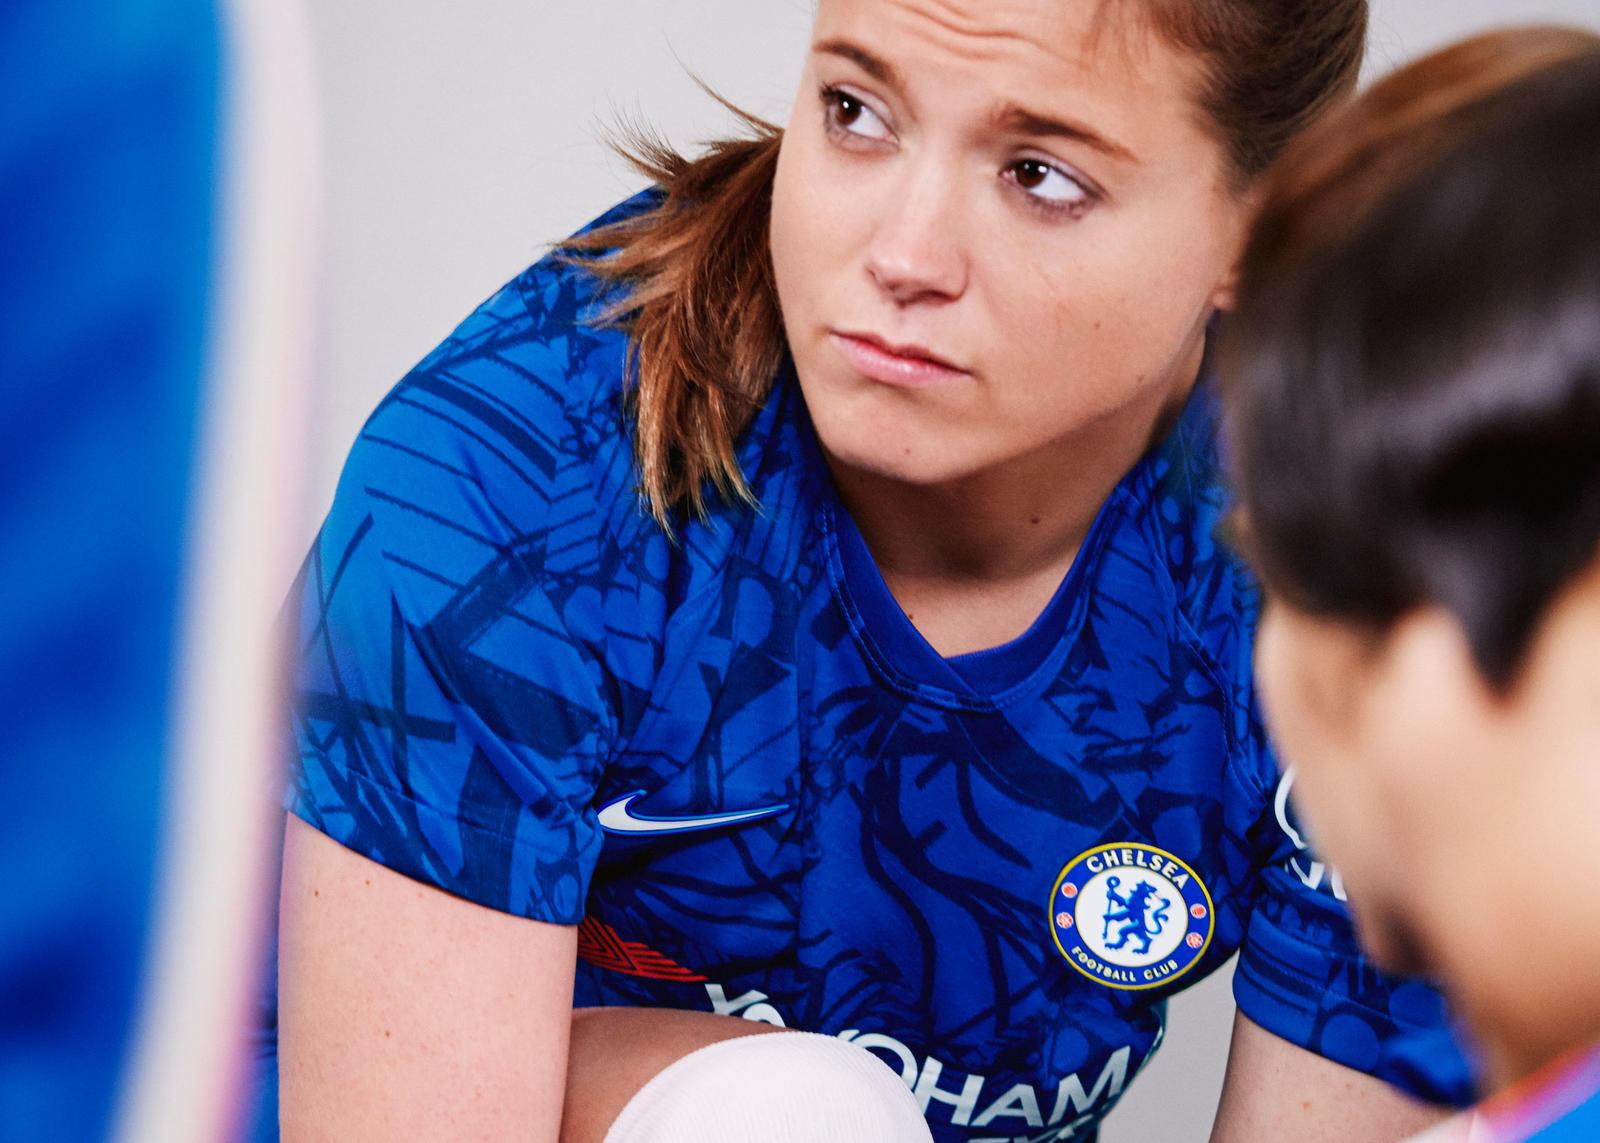 Chelsea FC Home Kit 2019-20 2